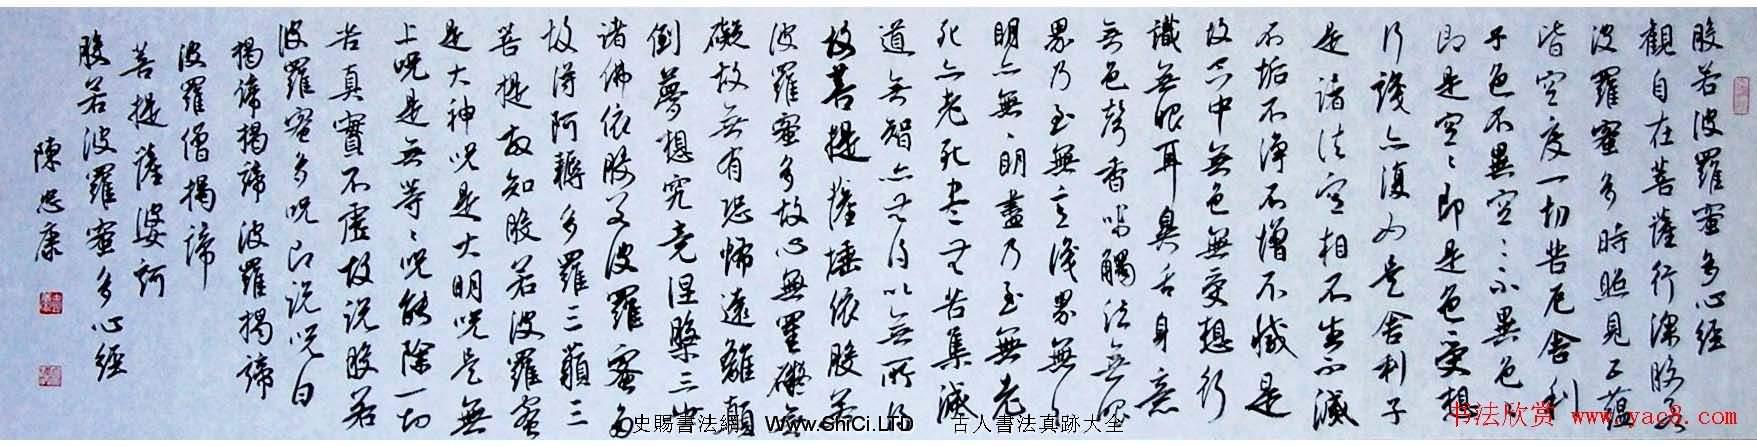 溫州書協主席陳忠康行書作品真跡《心經》手卷(共4張圖片)